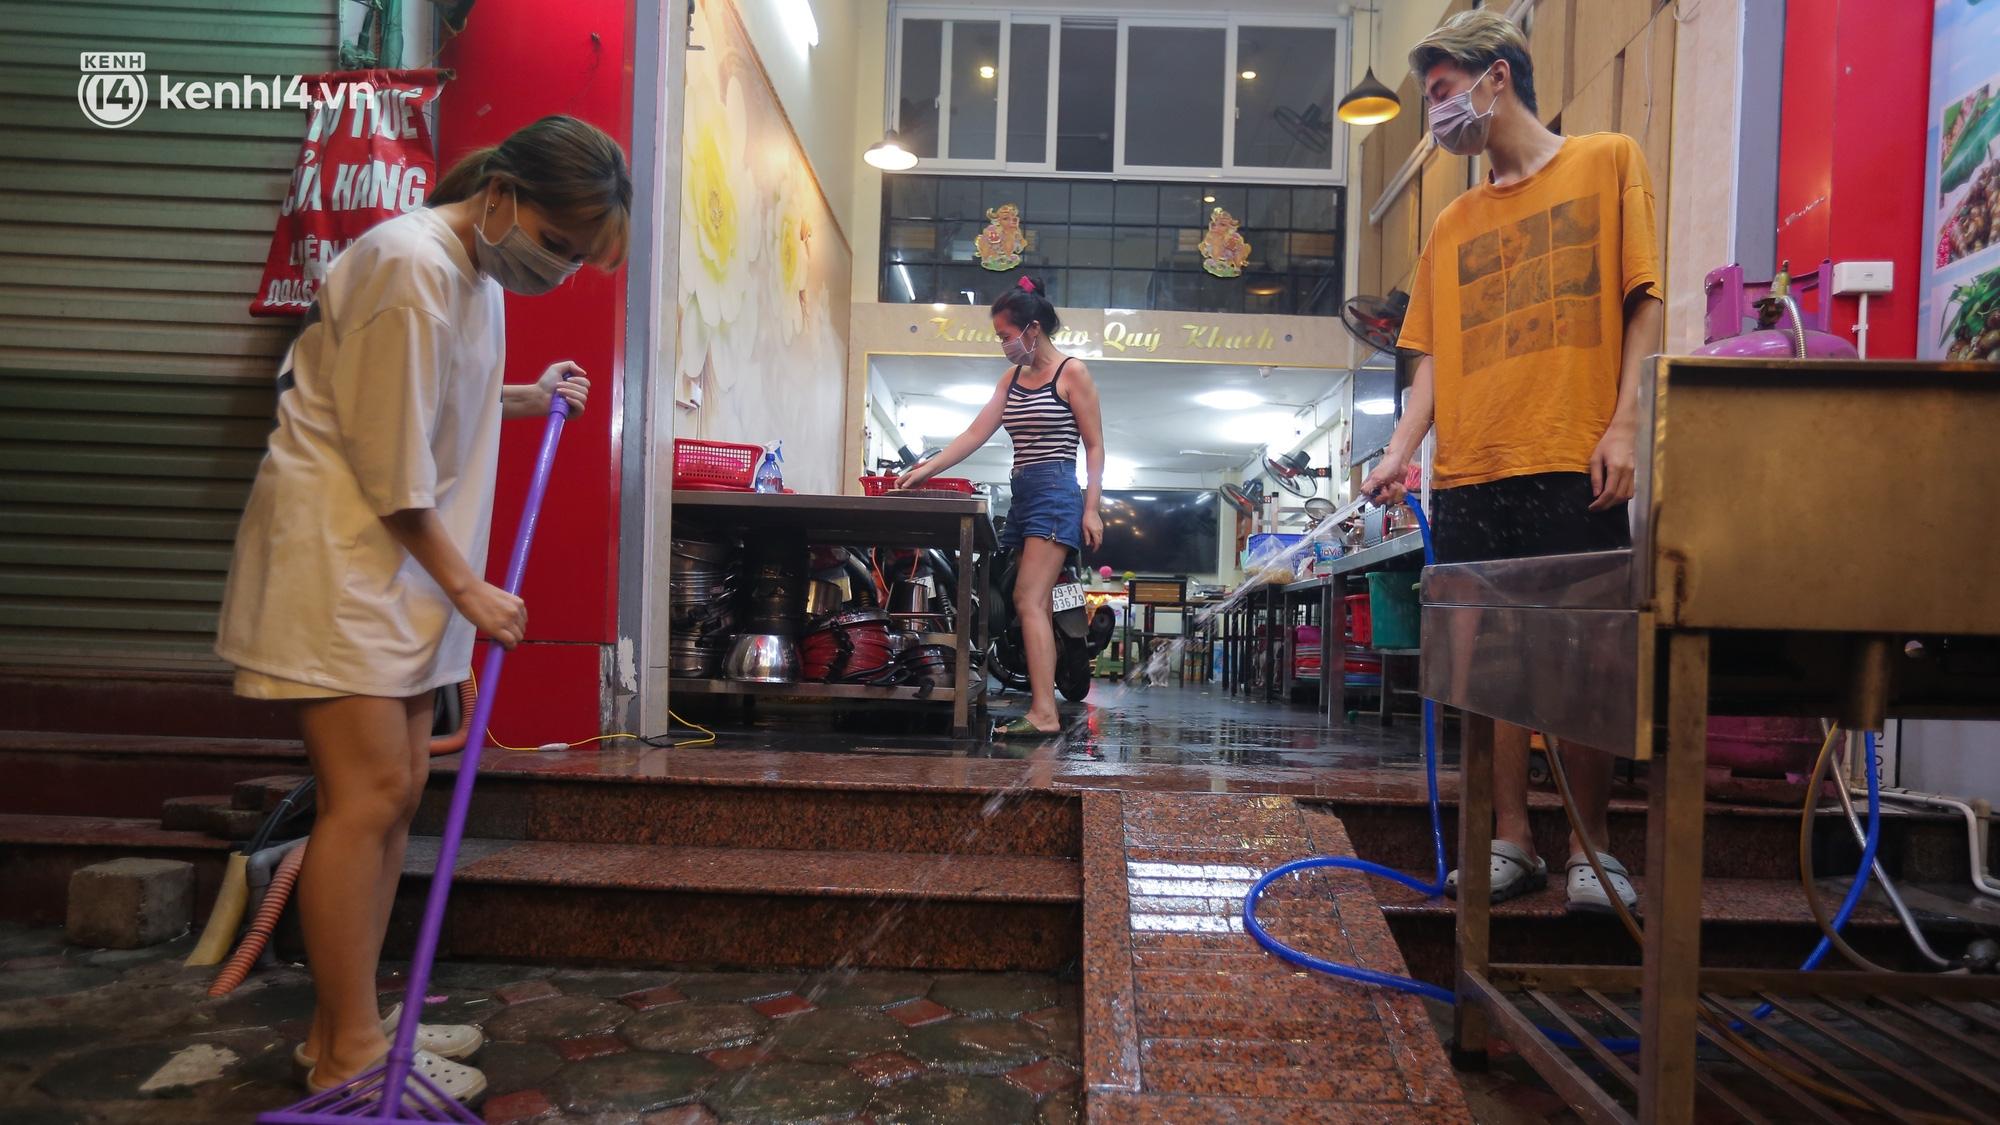 Người Hà Nội phấn khởi dọn dẹp hàng quán ngay trong đêm để mở cửa đón khách trở lại